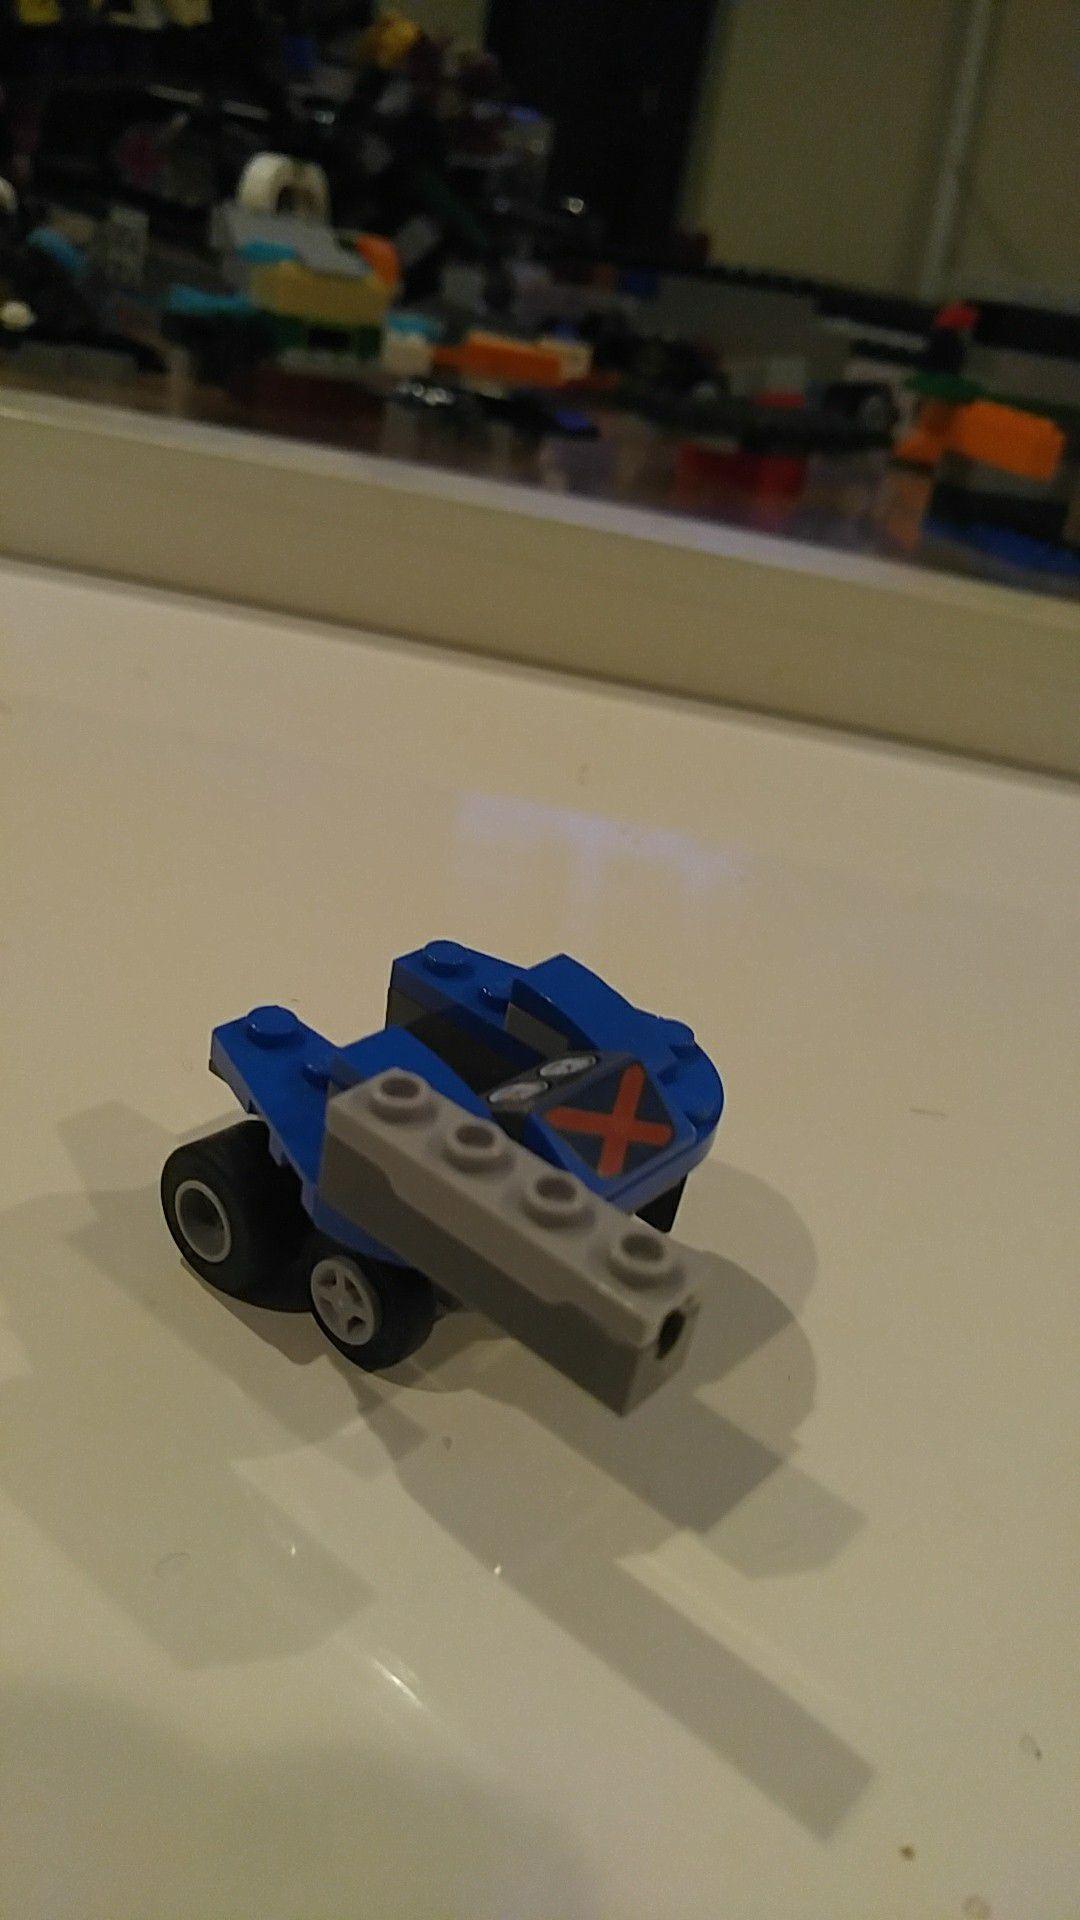 Lego - Daily Baseline